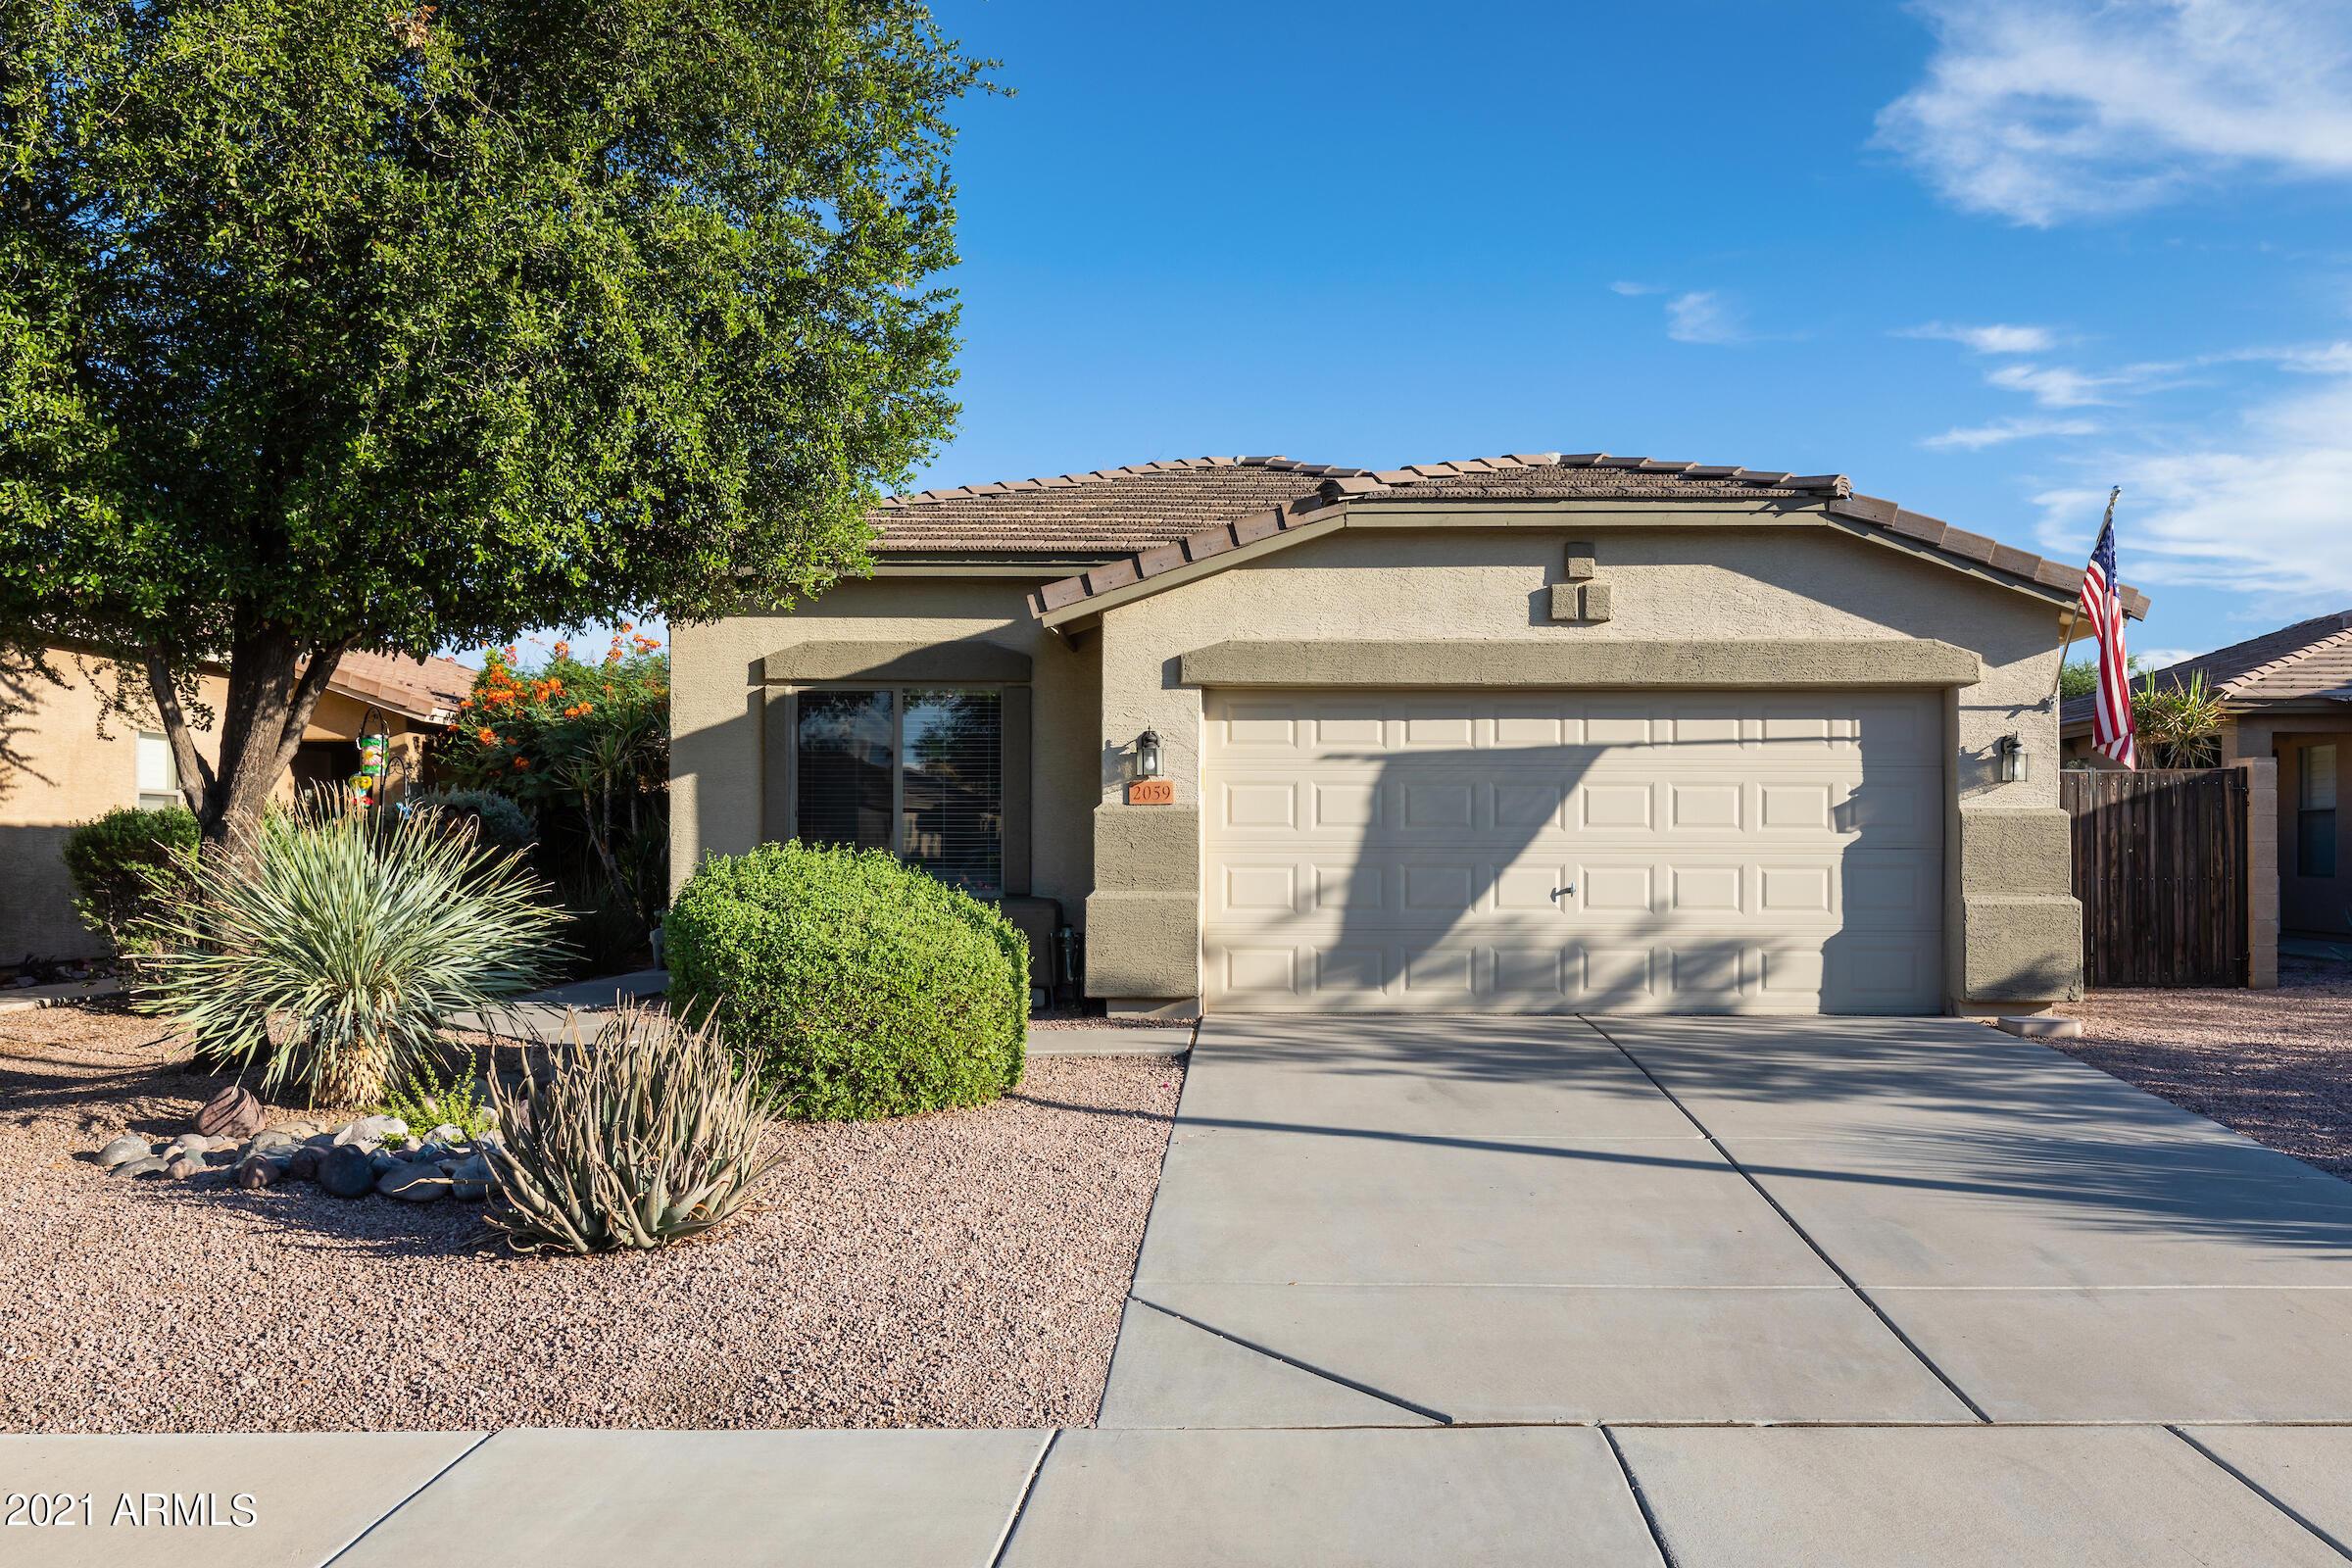 2059 ALLENS PEAK Drive, Queen Creek, Arizona 85142, 3 Bedrooms Bedrooms, ,2 BathroomsBathrooms,Residential,For Sale,ALLENS PEAK,6278335